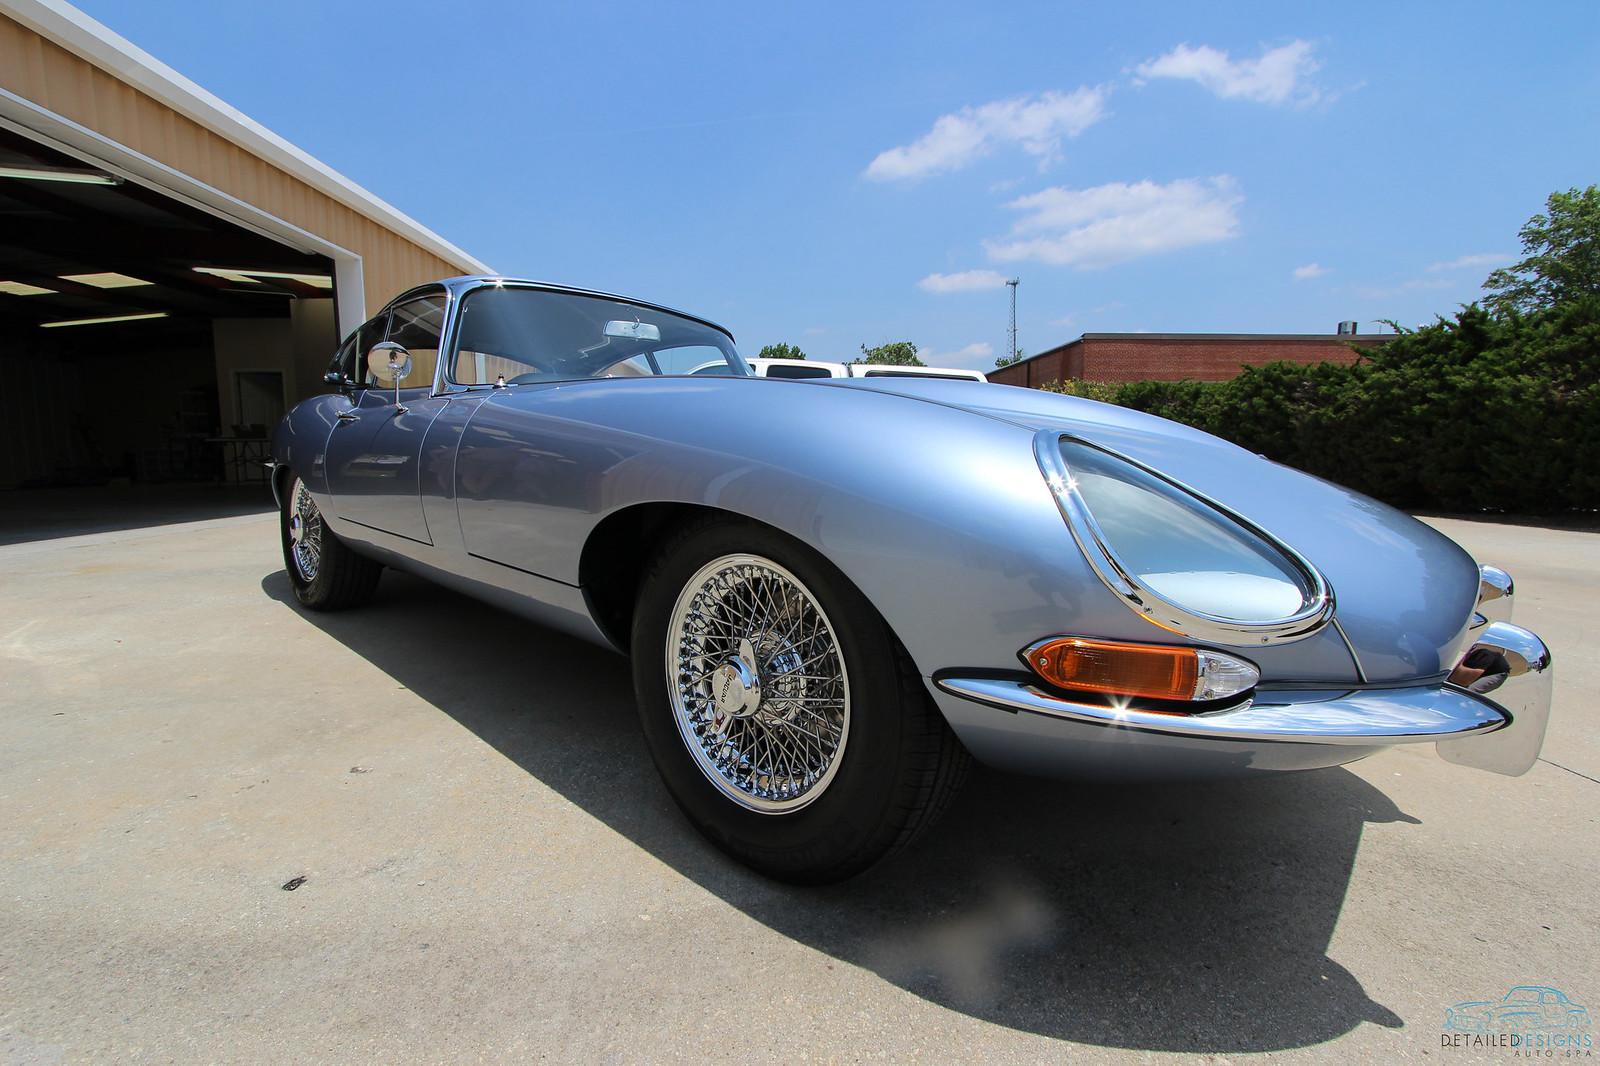 Jaguar E-type Concours d'Elegance Detailed Designs Auto Spa